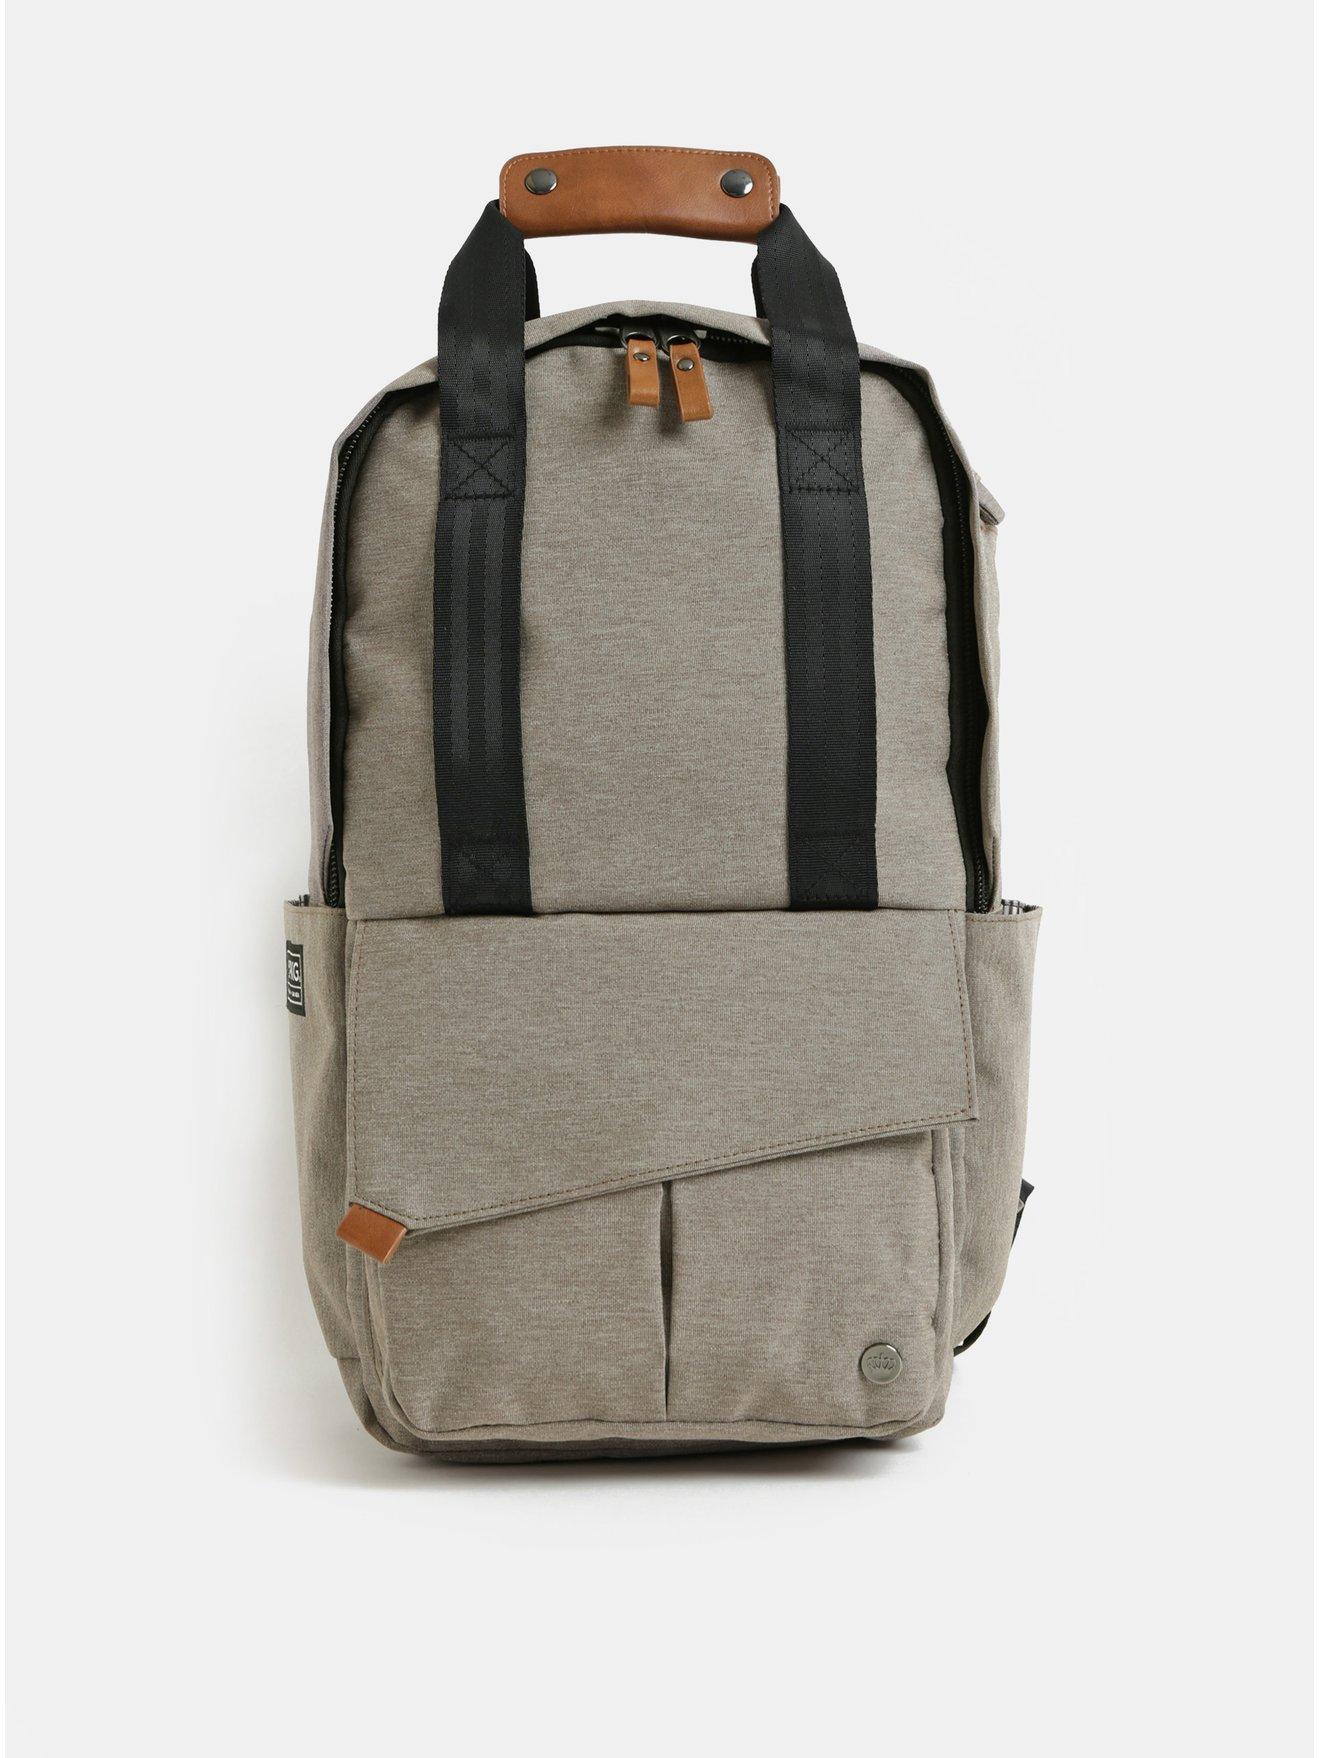 Světle hnědý nepromokavý batoh s vnitřní taškou na notebook 2v1 PKG 12 l